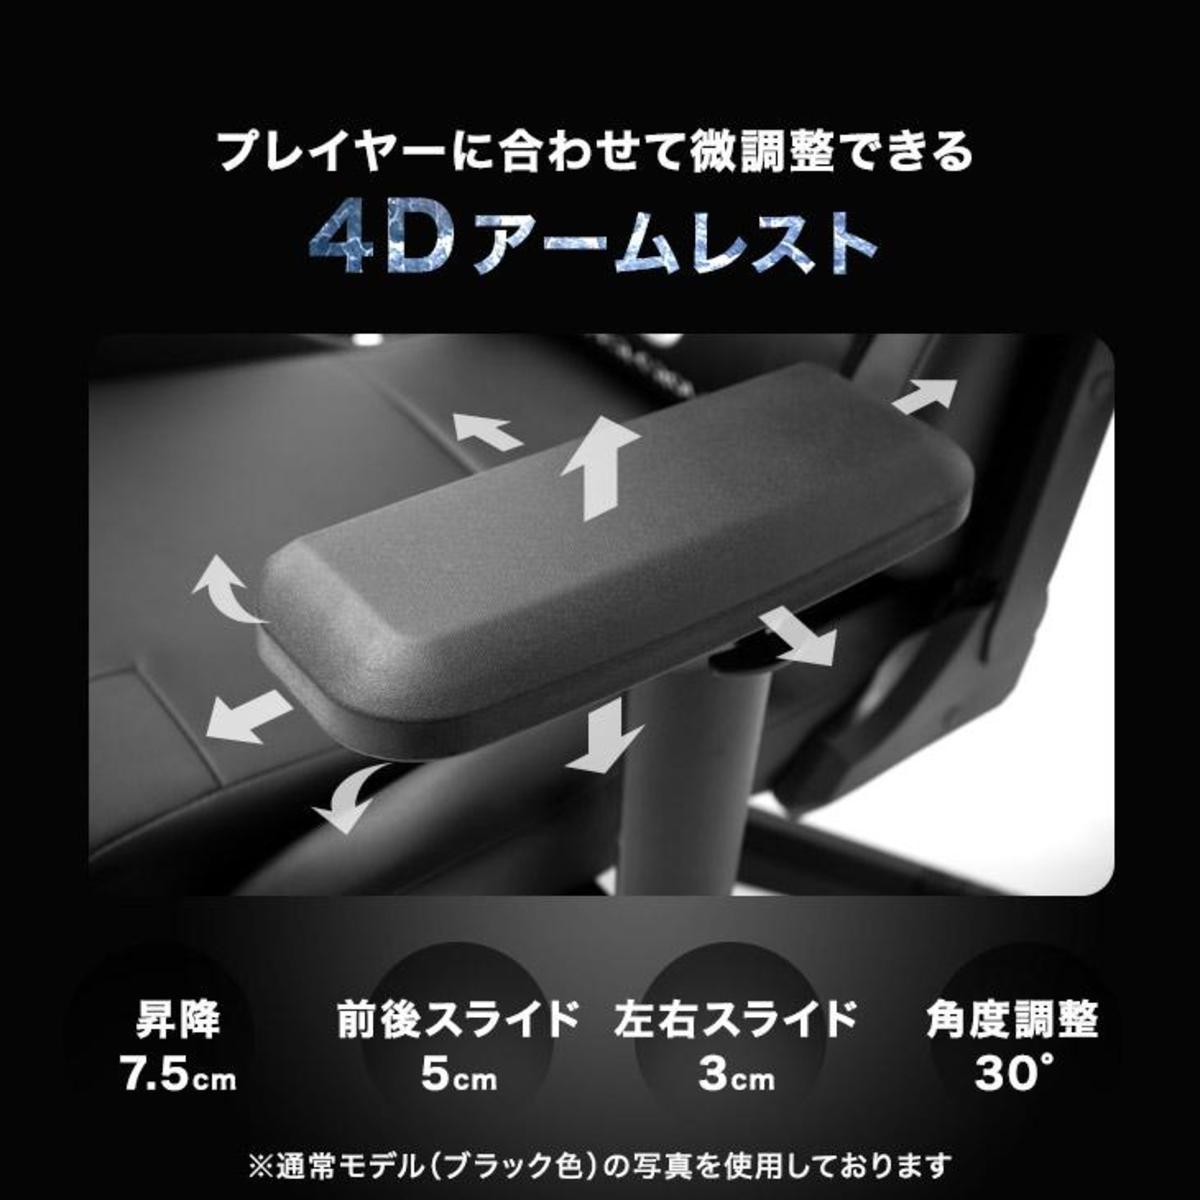 立体的に動く4Dアームレスト